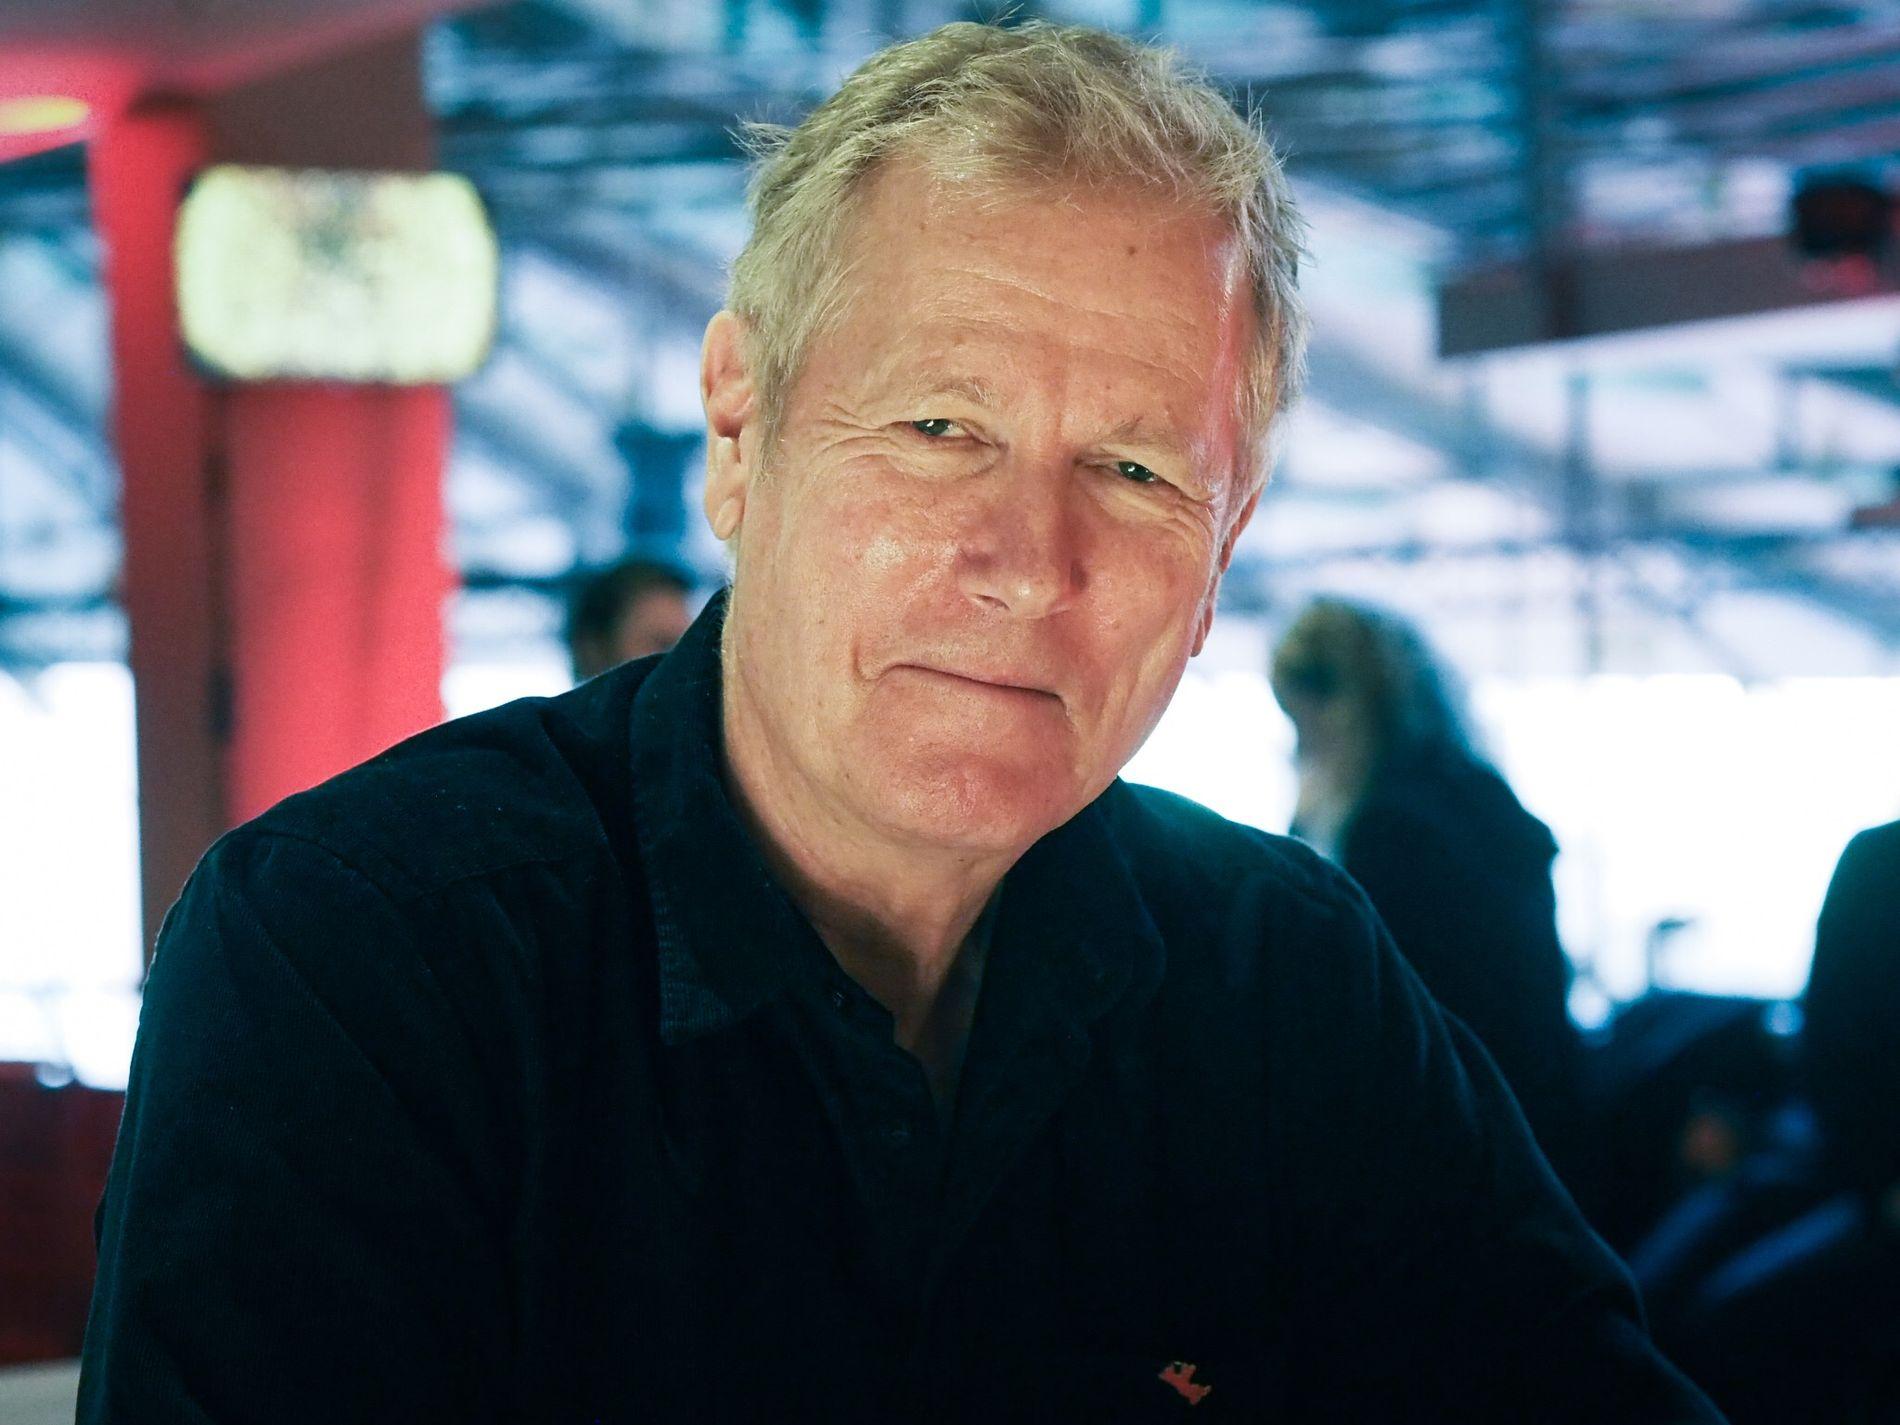 MØTTE PRESSEN: Regissør Hans Petter Moland møtte pressen i Berlin lørdag i forbindelse med premieren av «Ut og stjæle hester». Der fikk han blant annet spørsmål om uttalelsene til Liam Neeson.